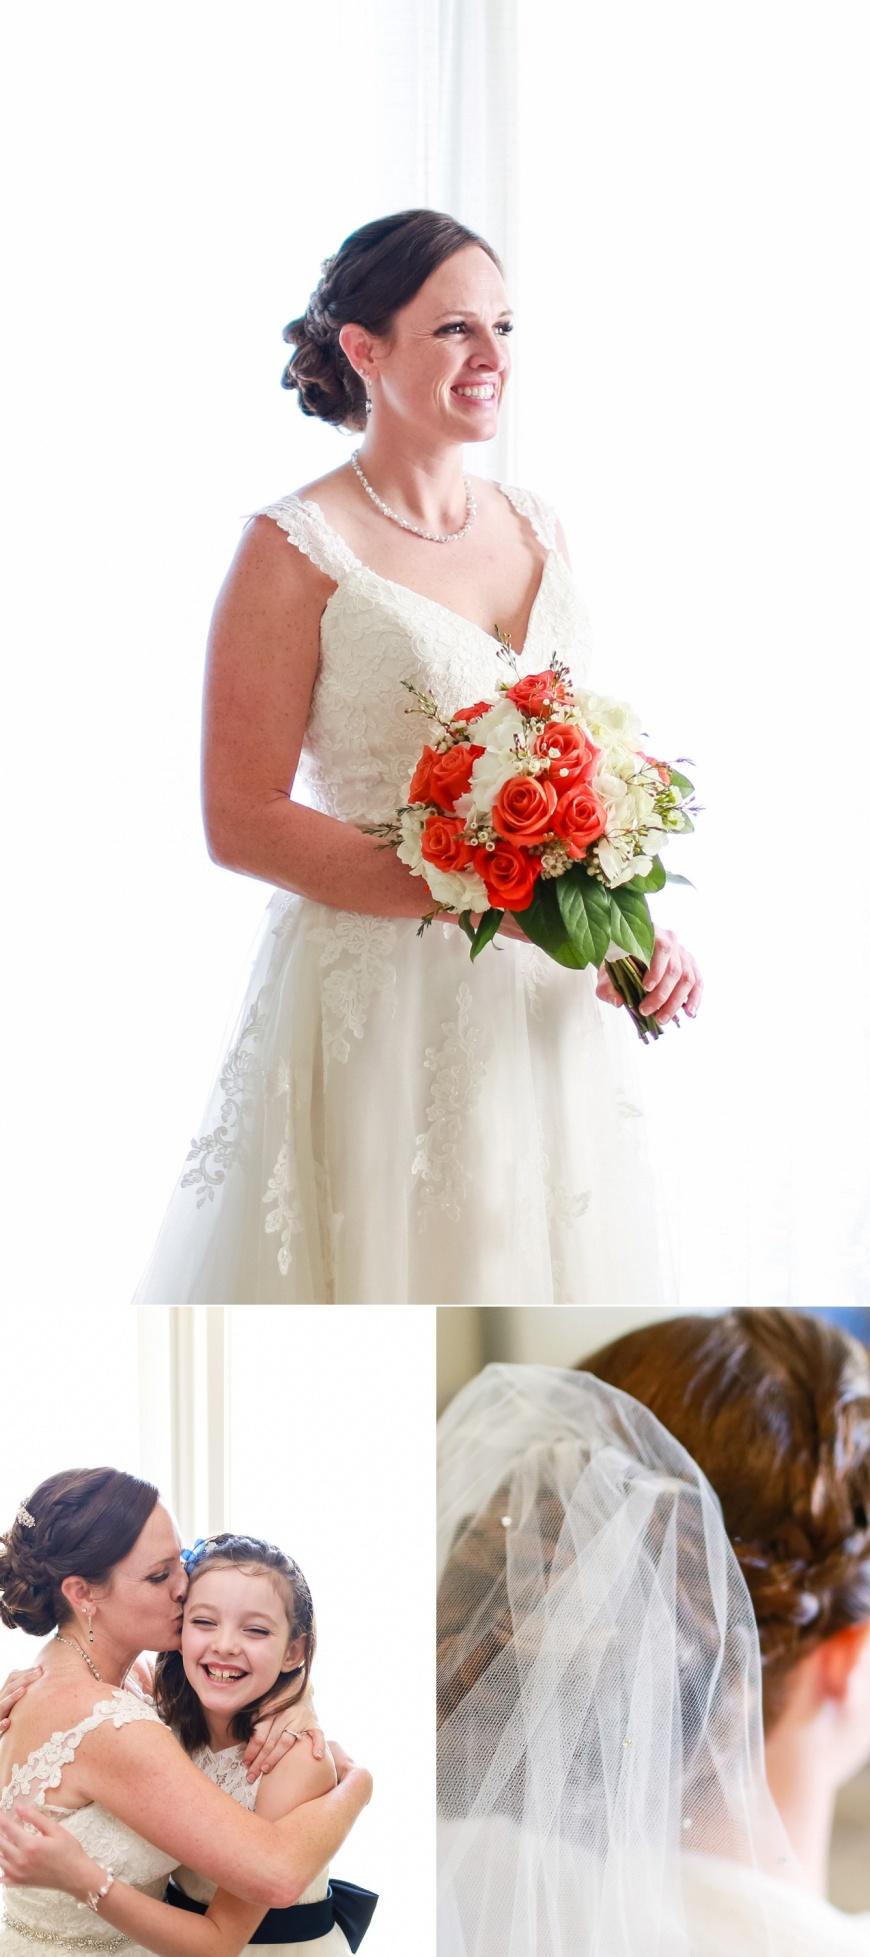 Deerfield-Beach-Wedding-Photographer_1016.jpg